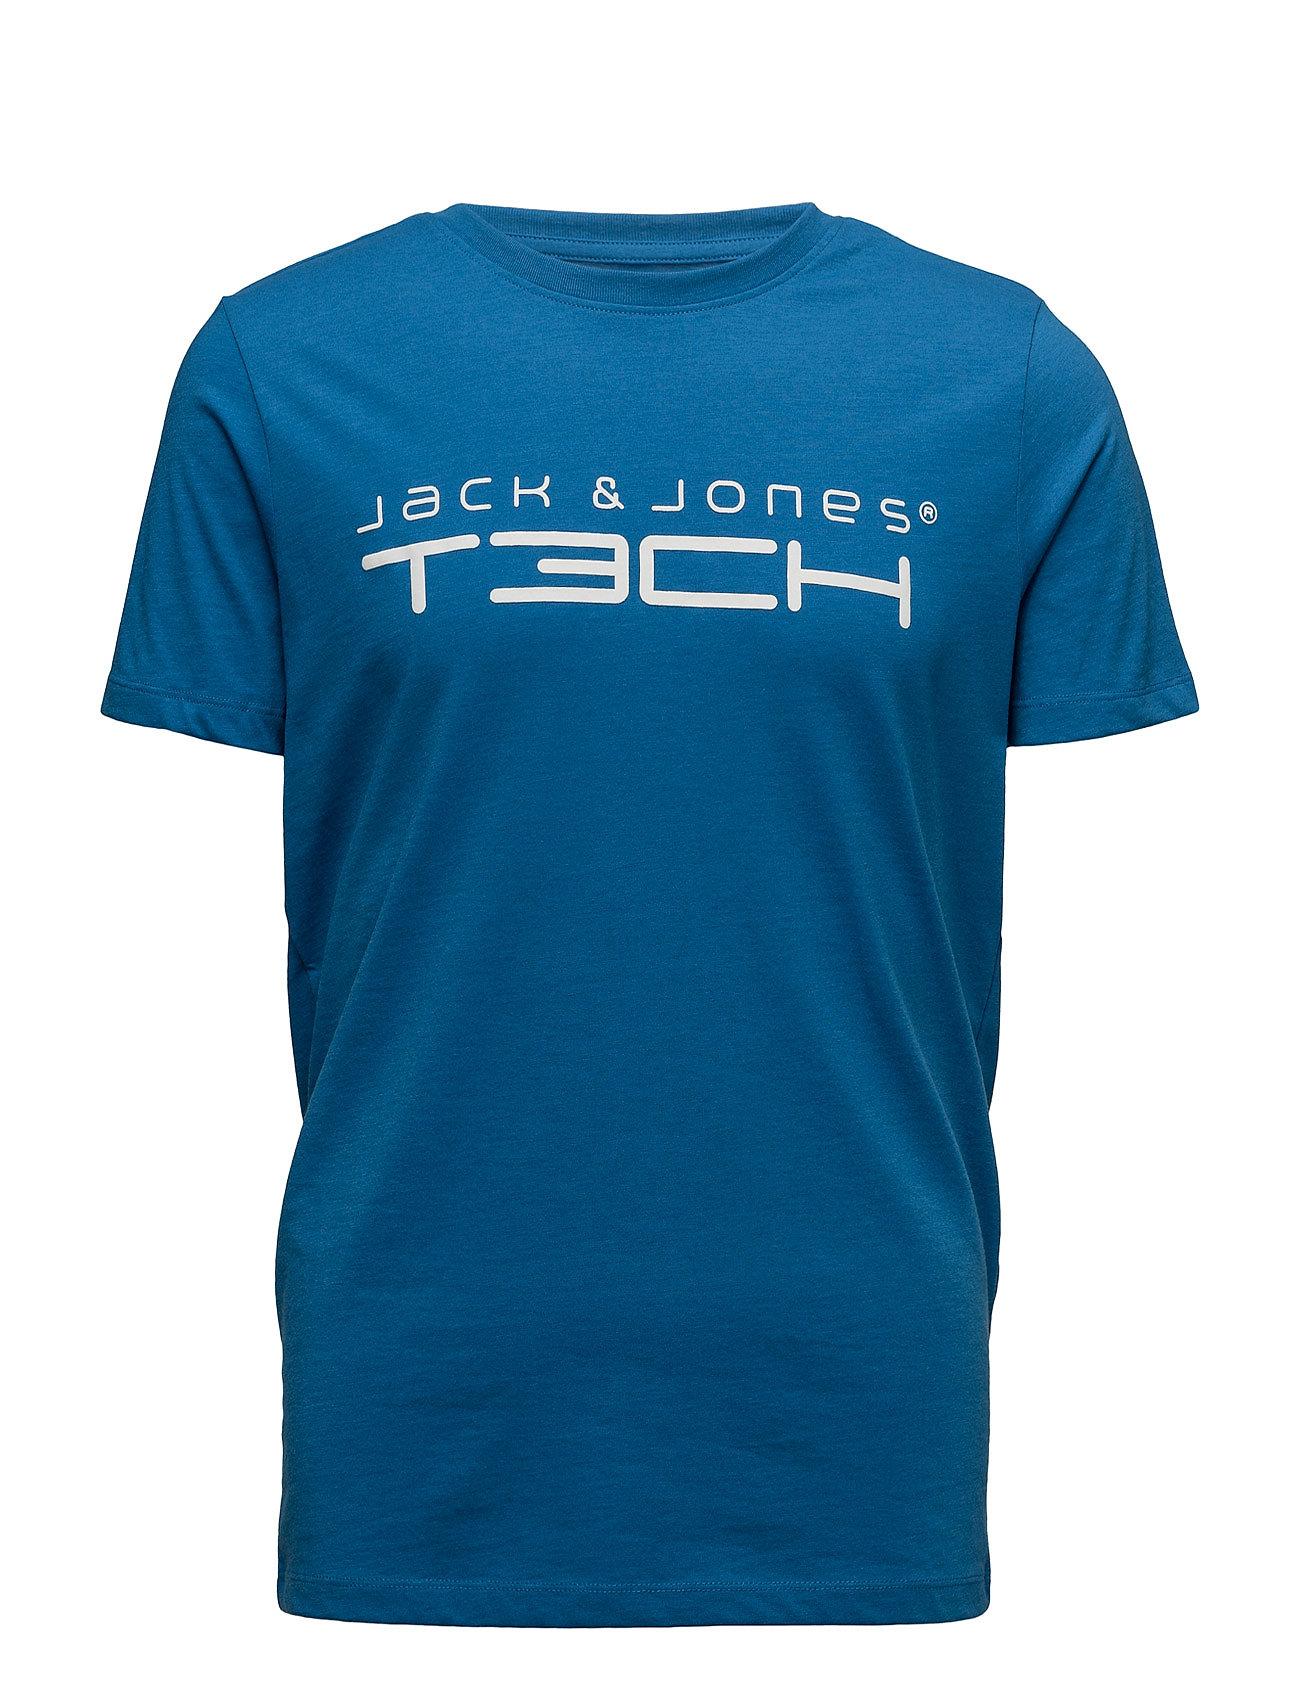 Jjtcfoamnew Tee Ss Crew Neck Noos Jack & Jones Tech  til Herrer i